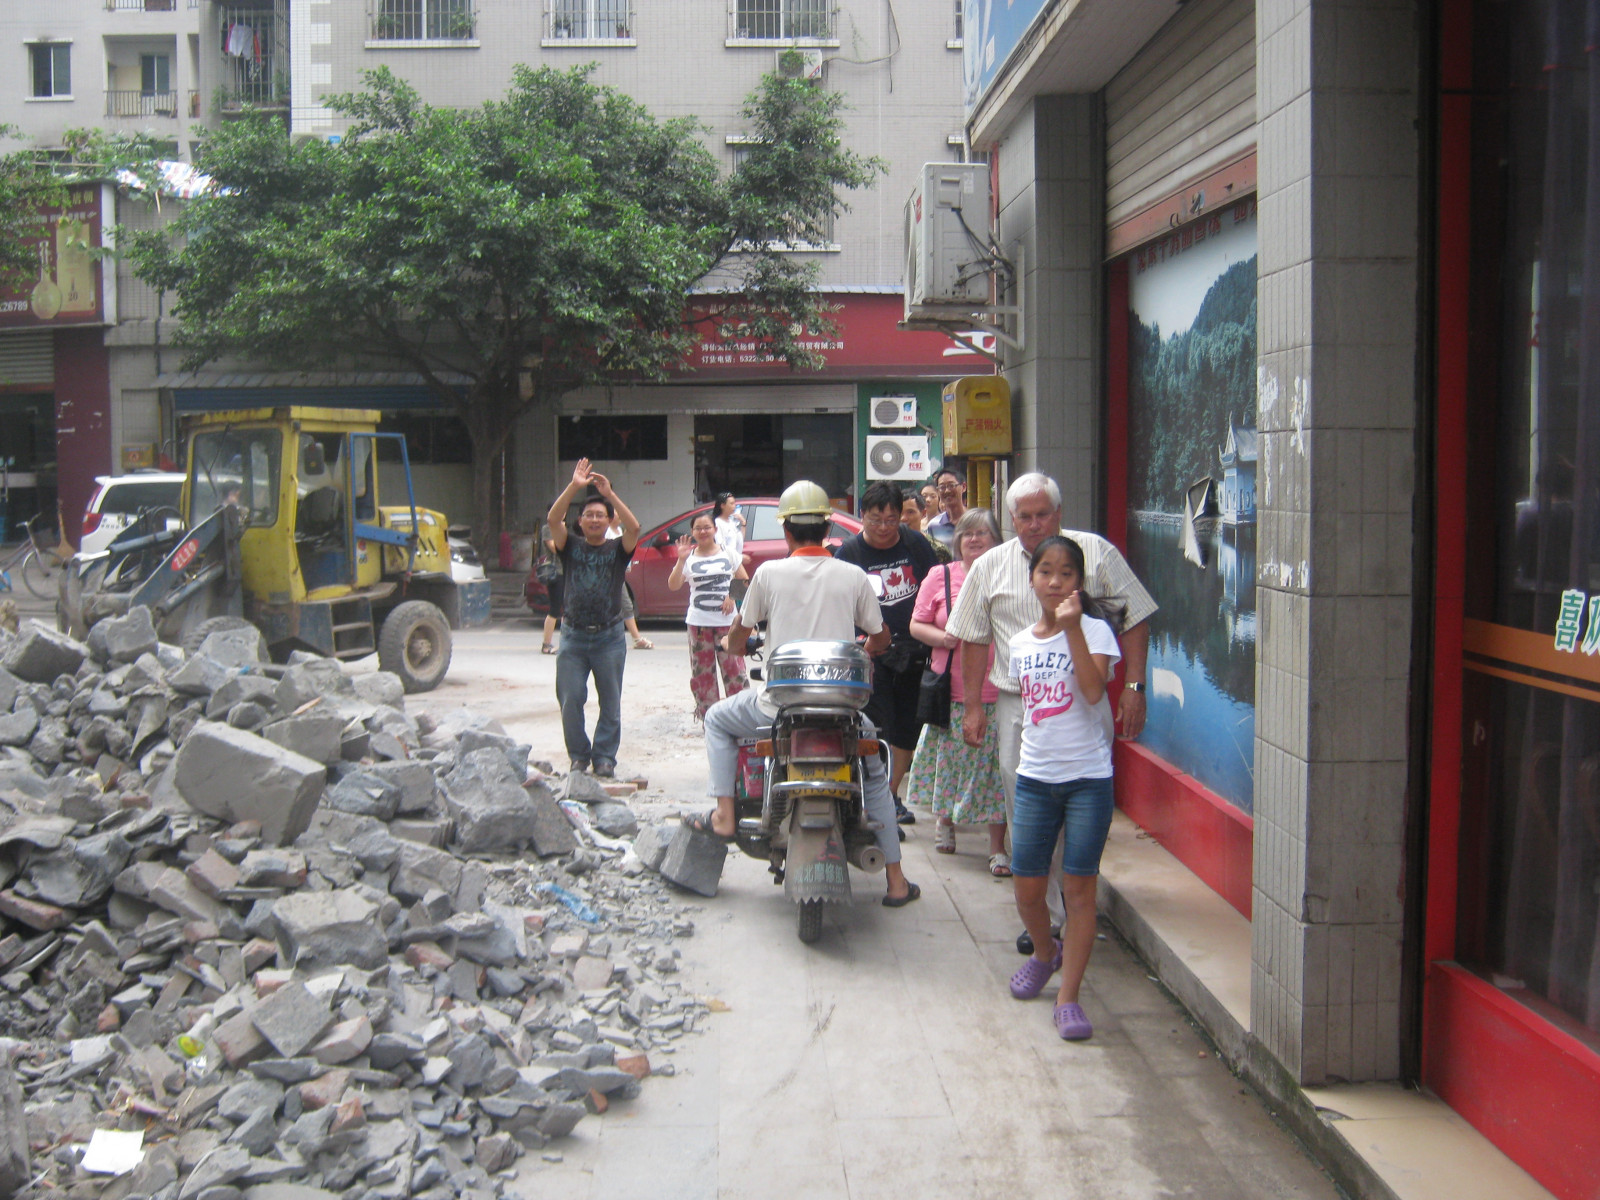 Cathys-China-photos-518